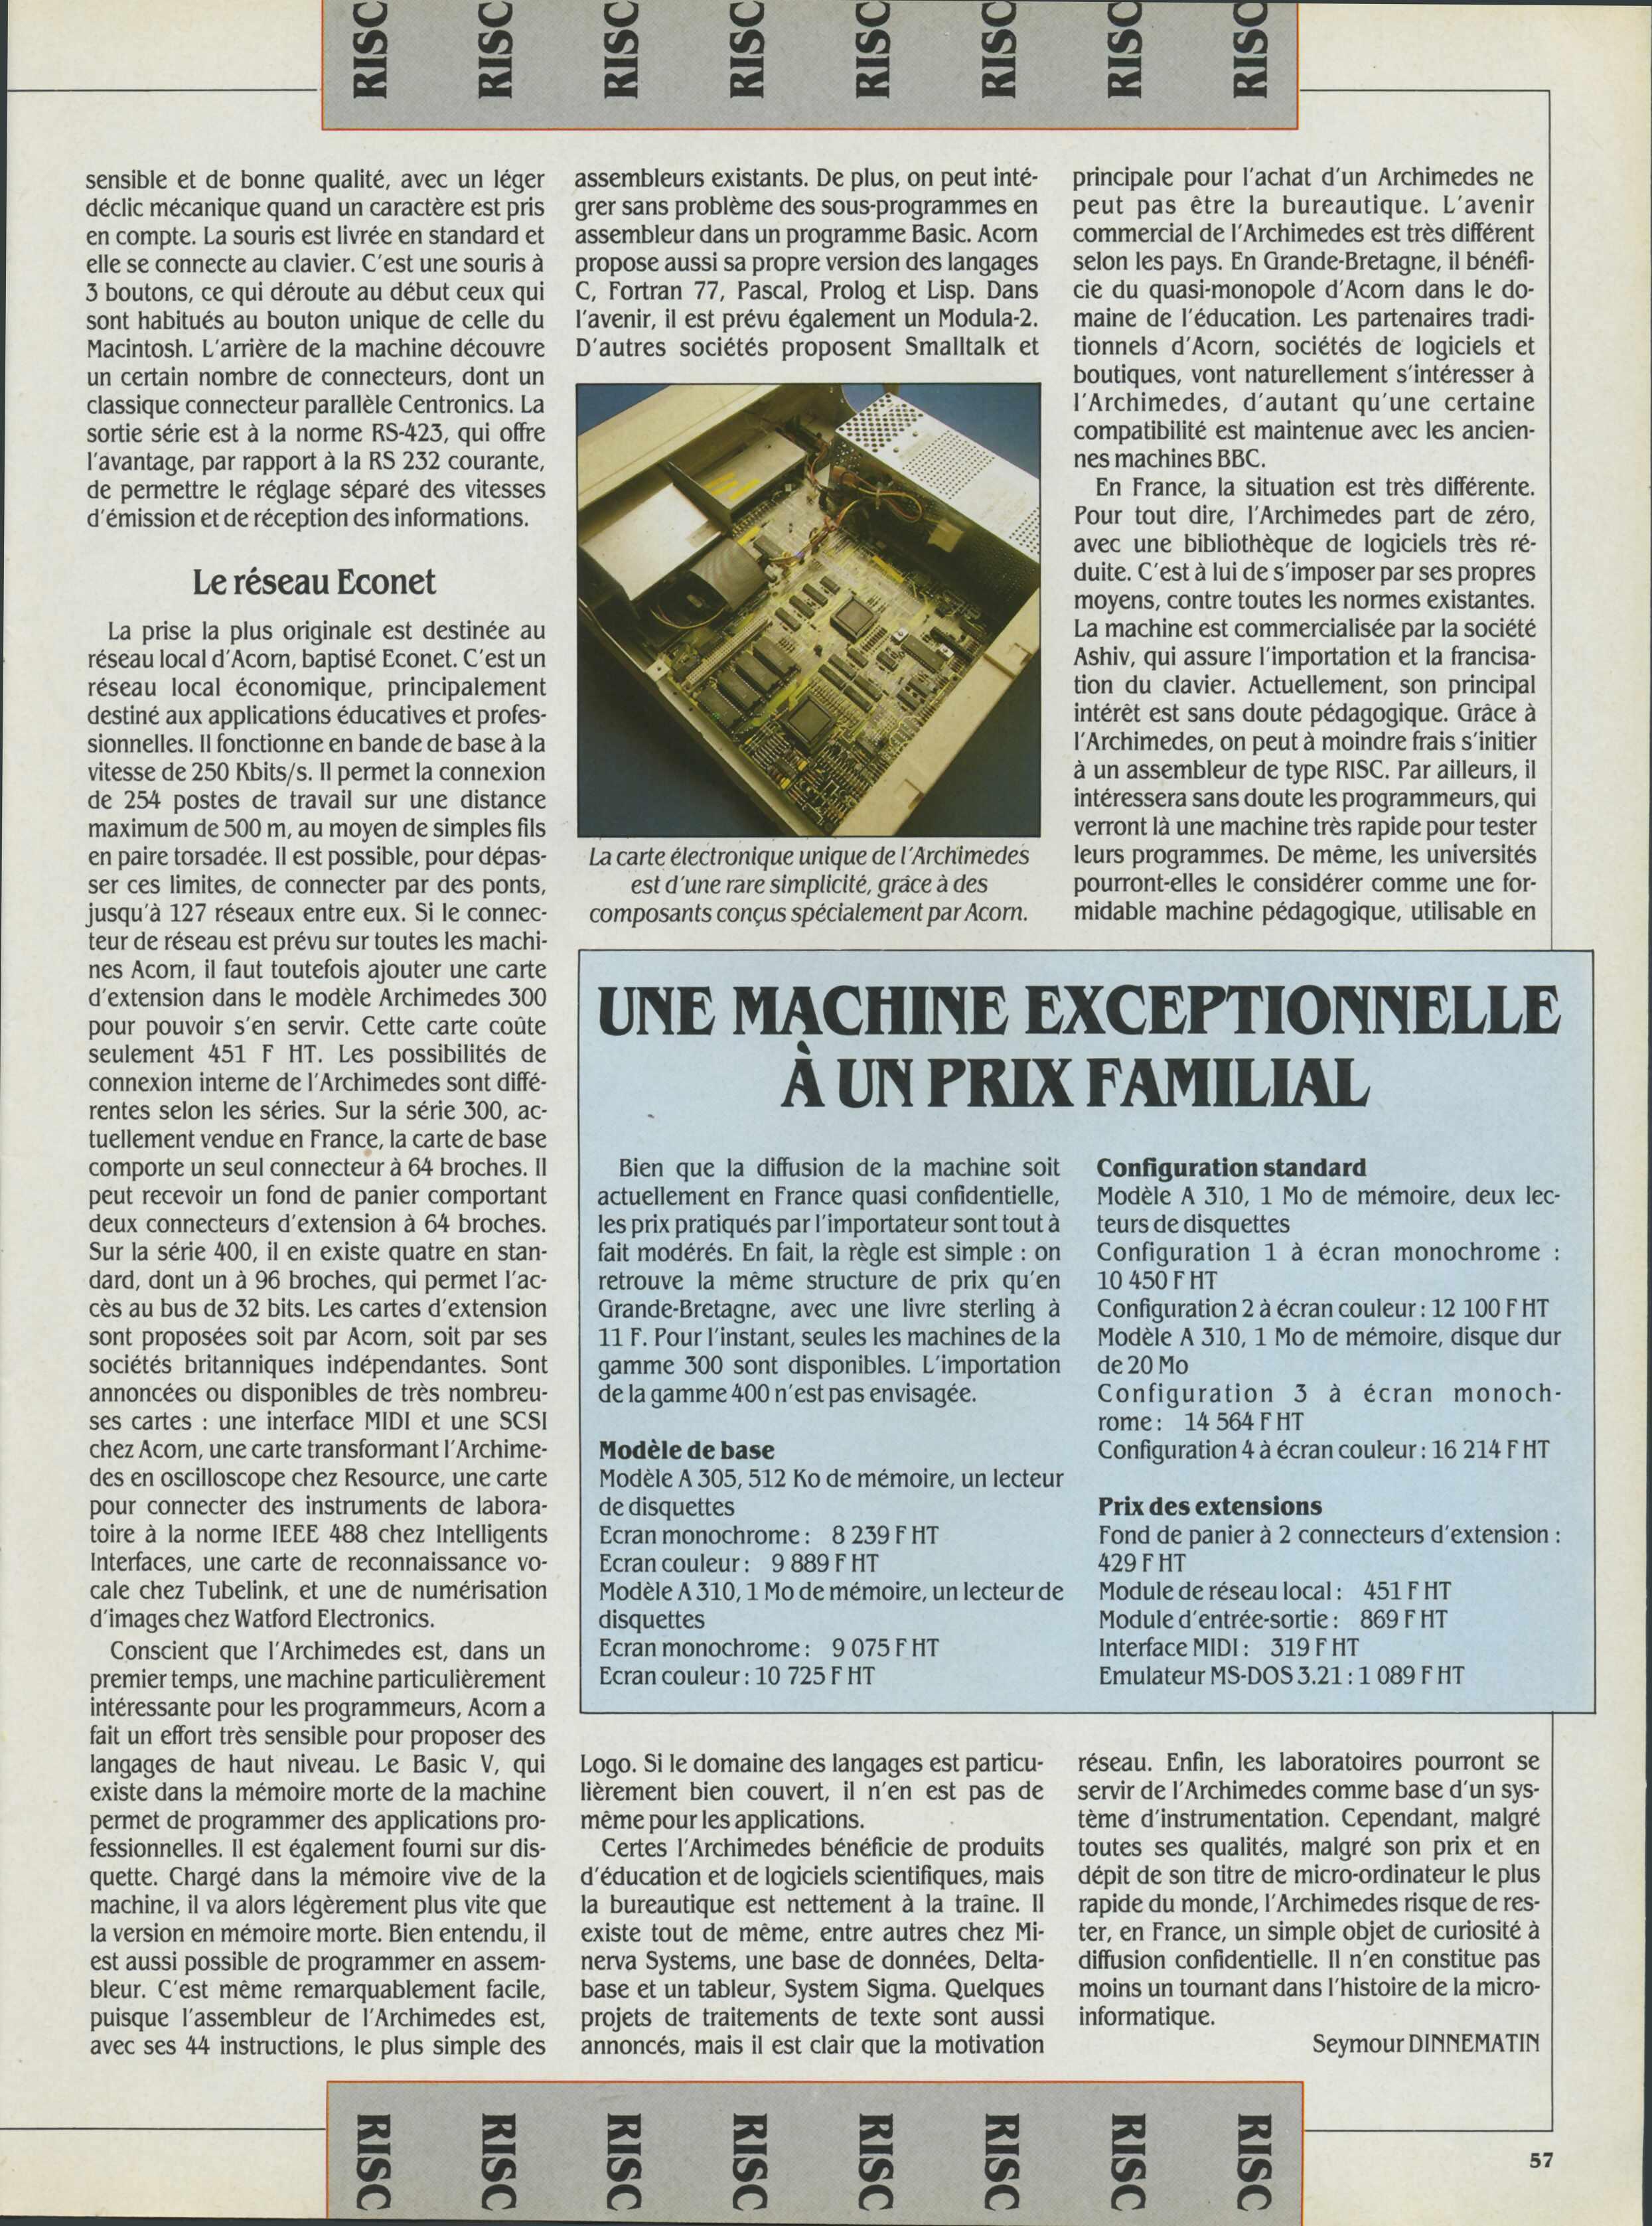 L'Amiga est trés surestimé comme machine de jeu - Page 24 Science%26Vie%20Micro%20046%20-%20Page%20057%20%281988-01%29